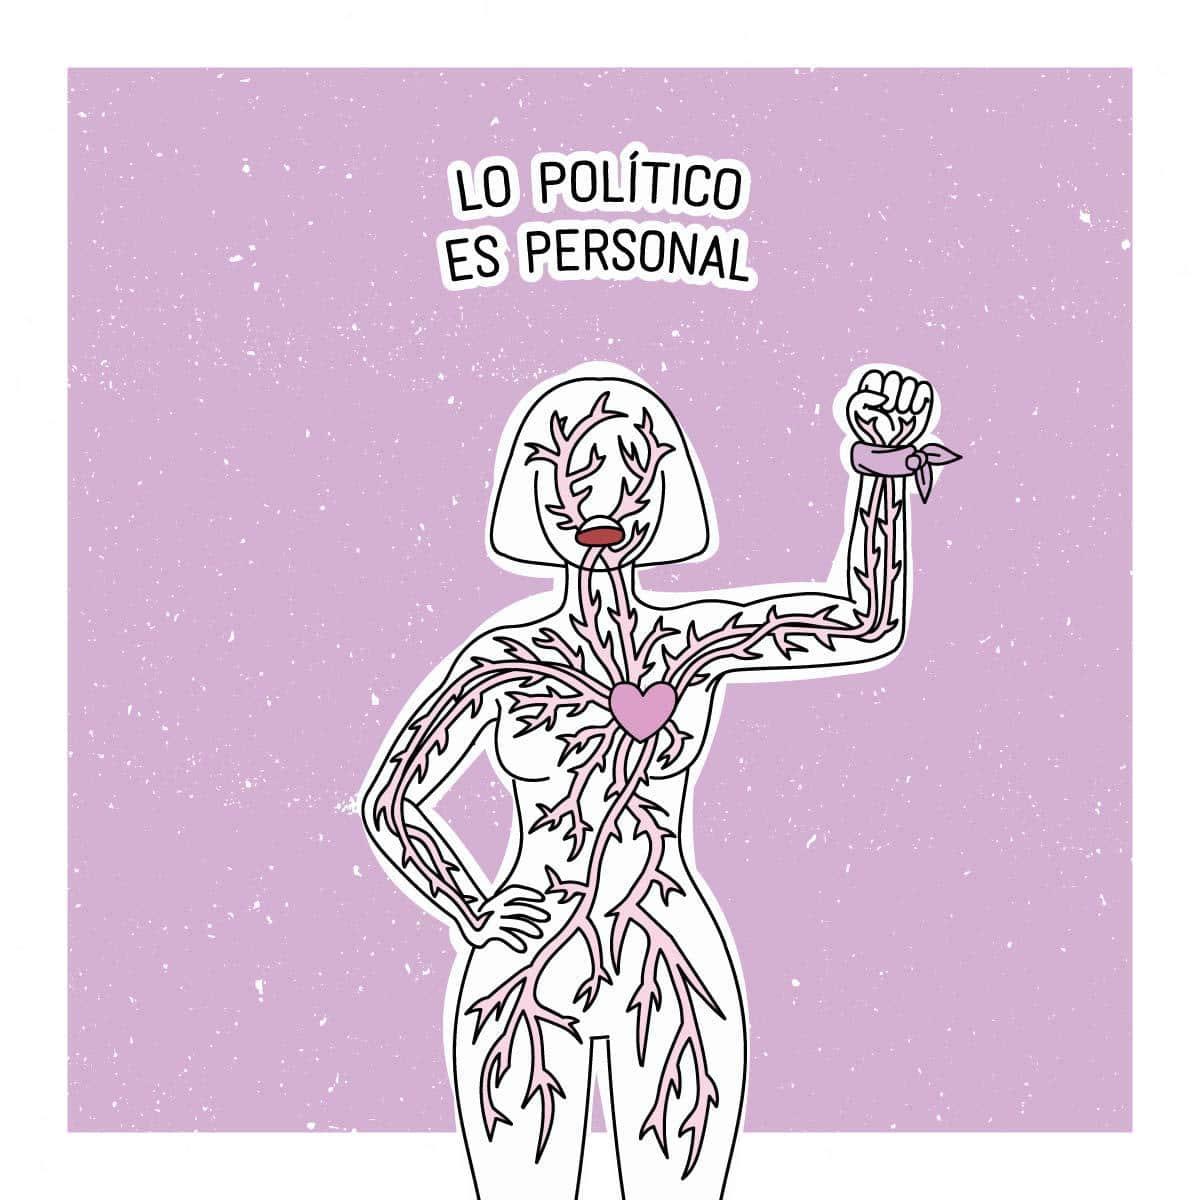 """Ilustración. Mujer con el puño en alto y un pañuelo en la muñeca, con las venas dibujadas. Arriba, la frase """"lo político es personal"""""""